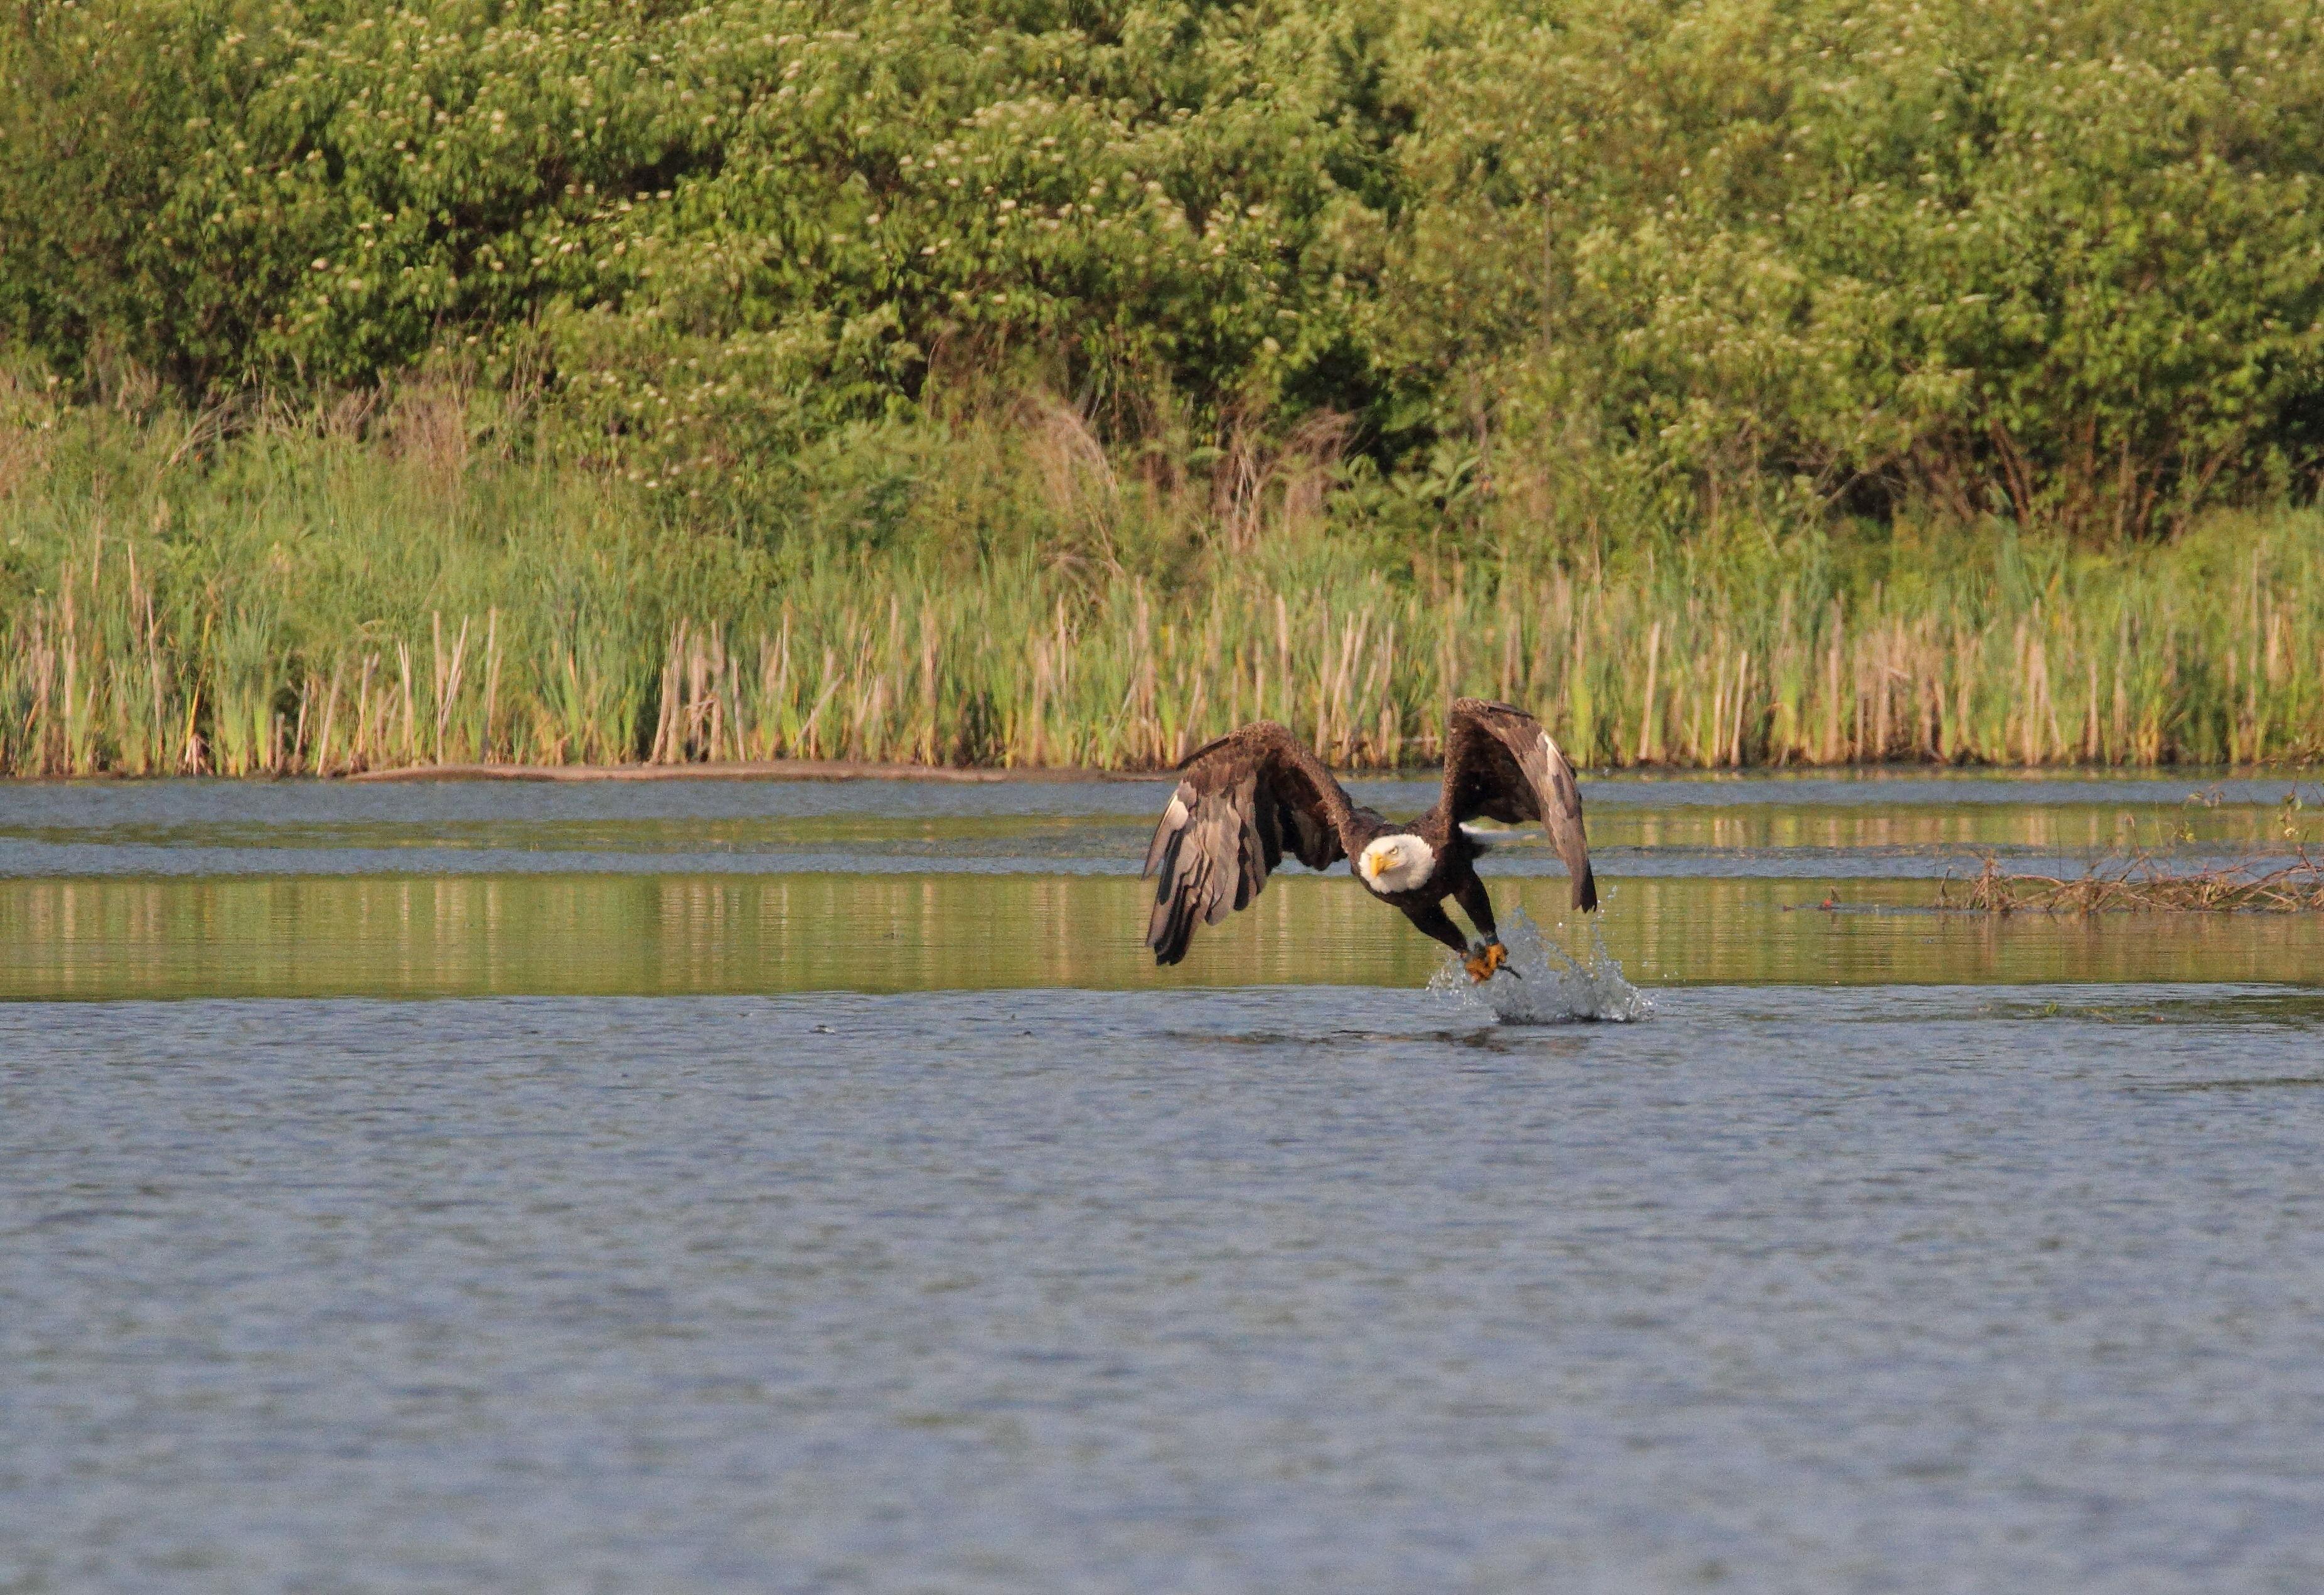 Bald eagle fishing for dinner